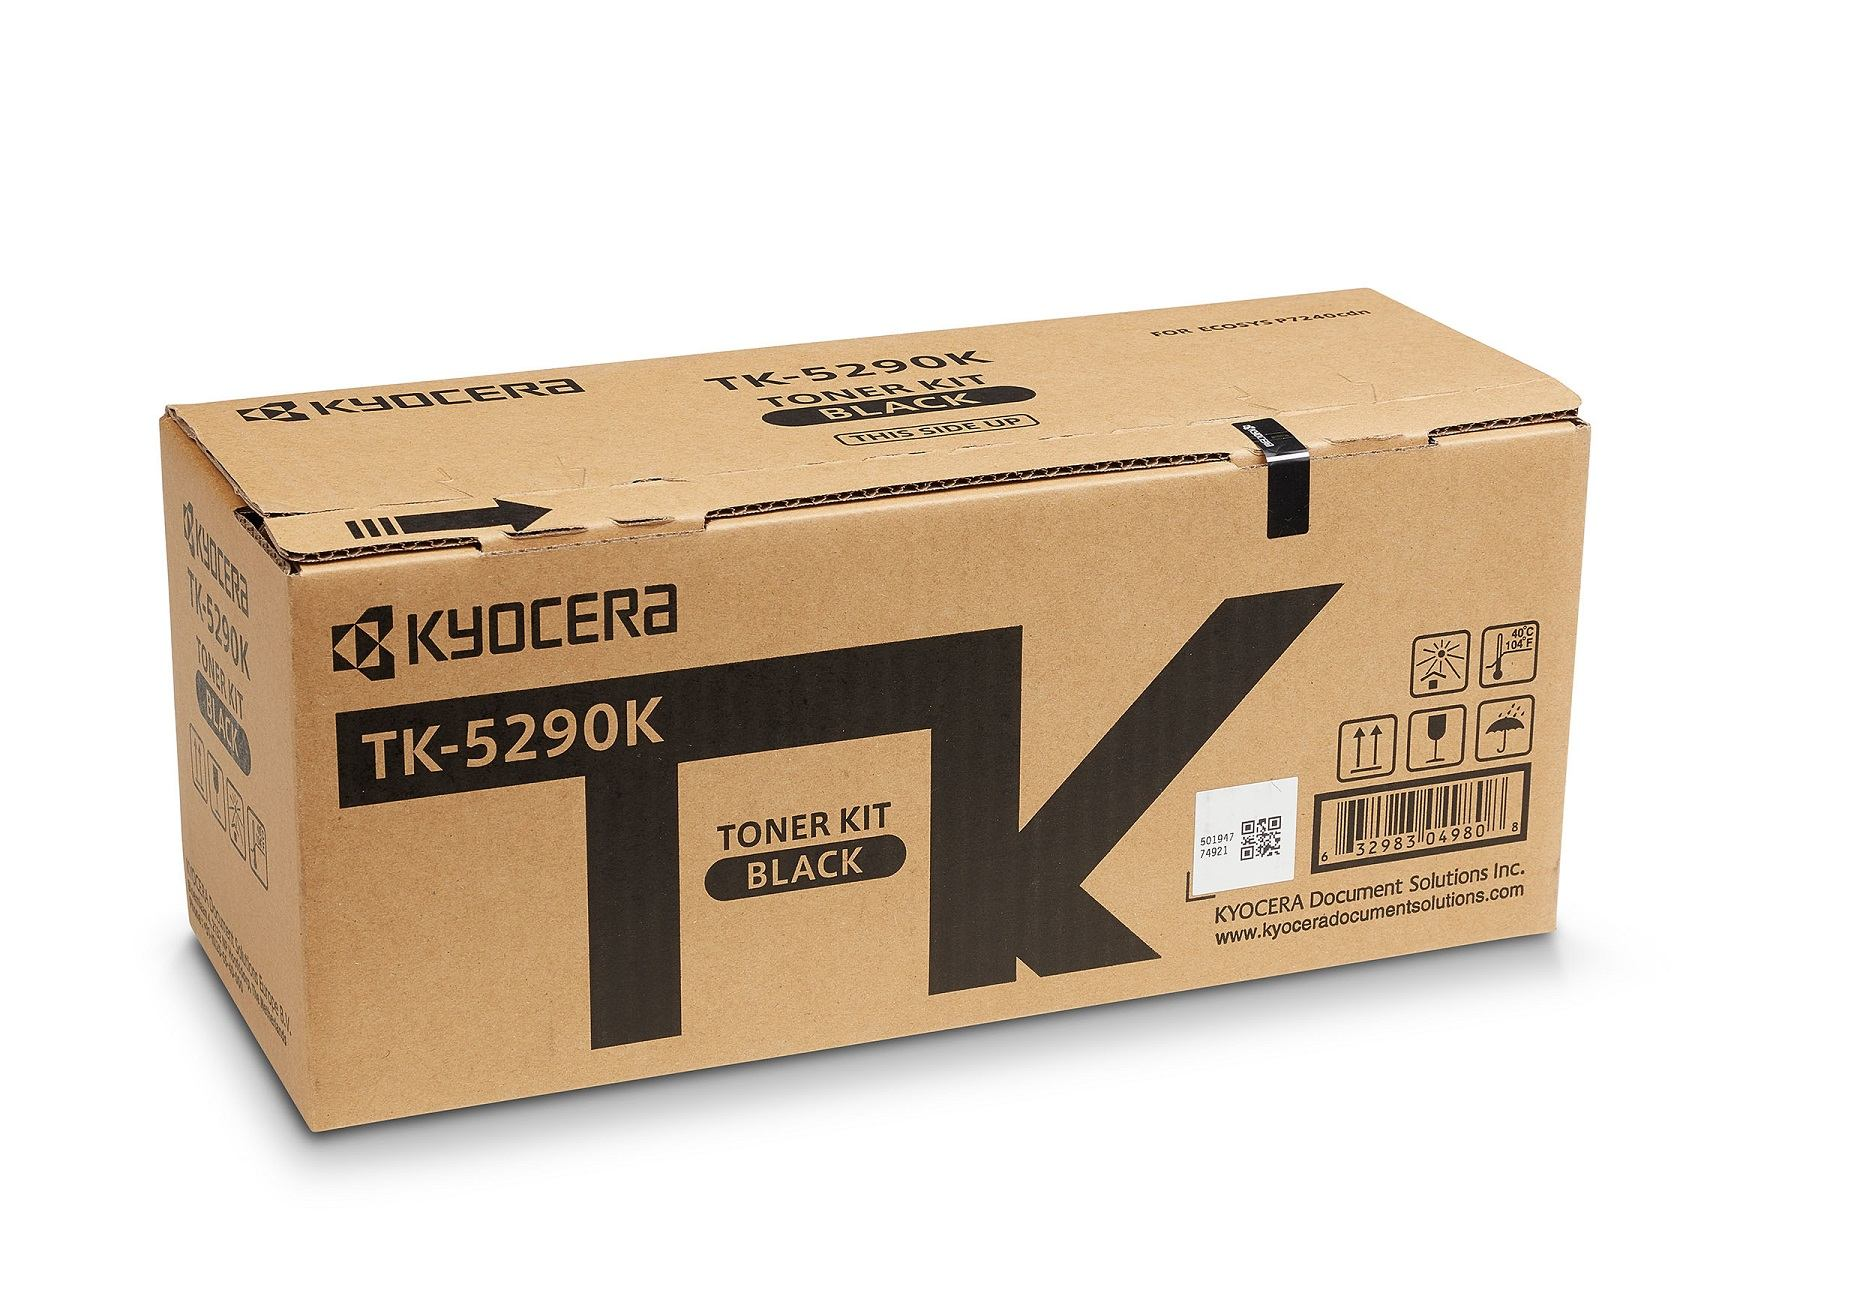 2022274-KYOCERA-TK-5290K-Original-Nero-1-pezzo-i-TK-5290K-Black-P7240cdn